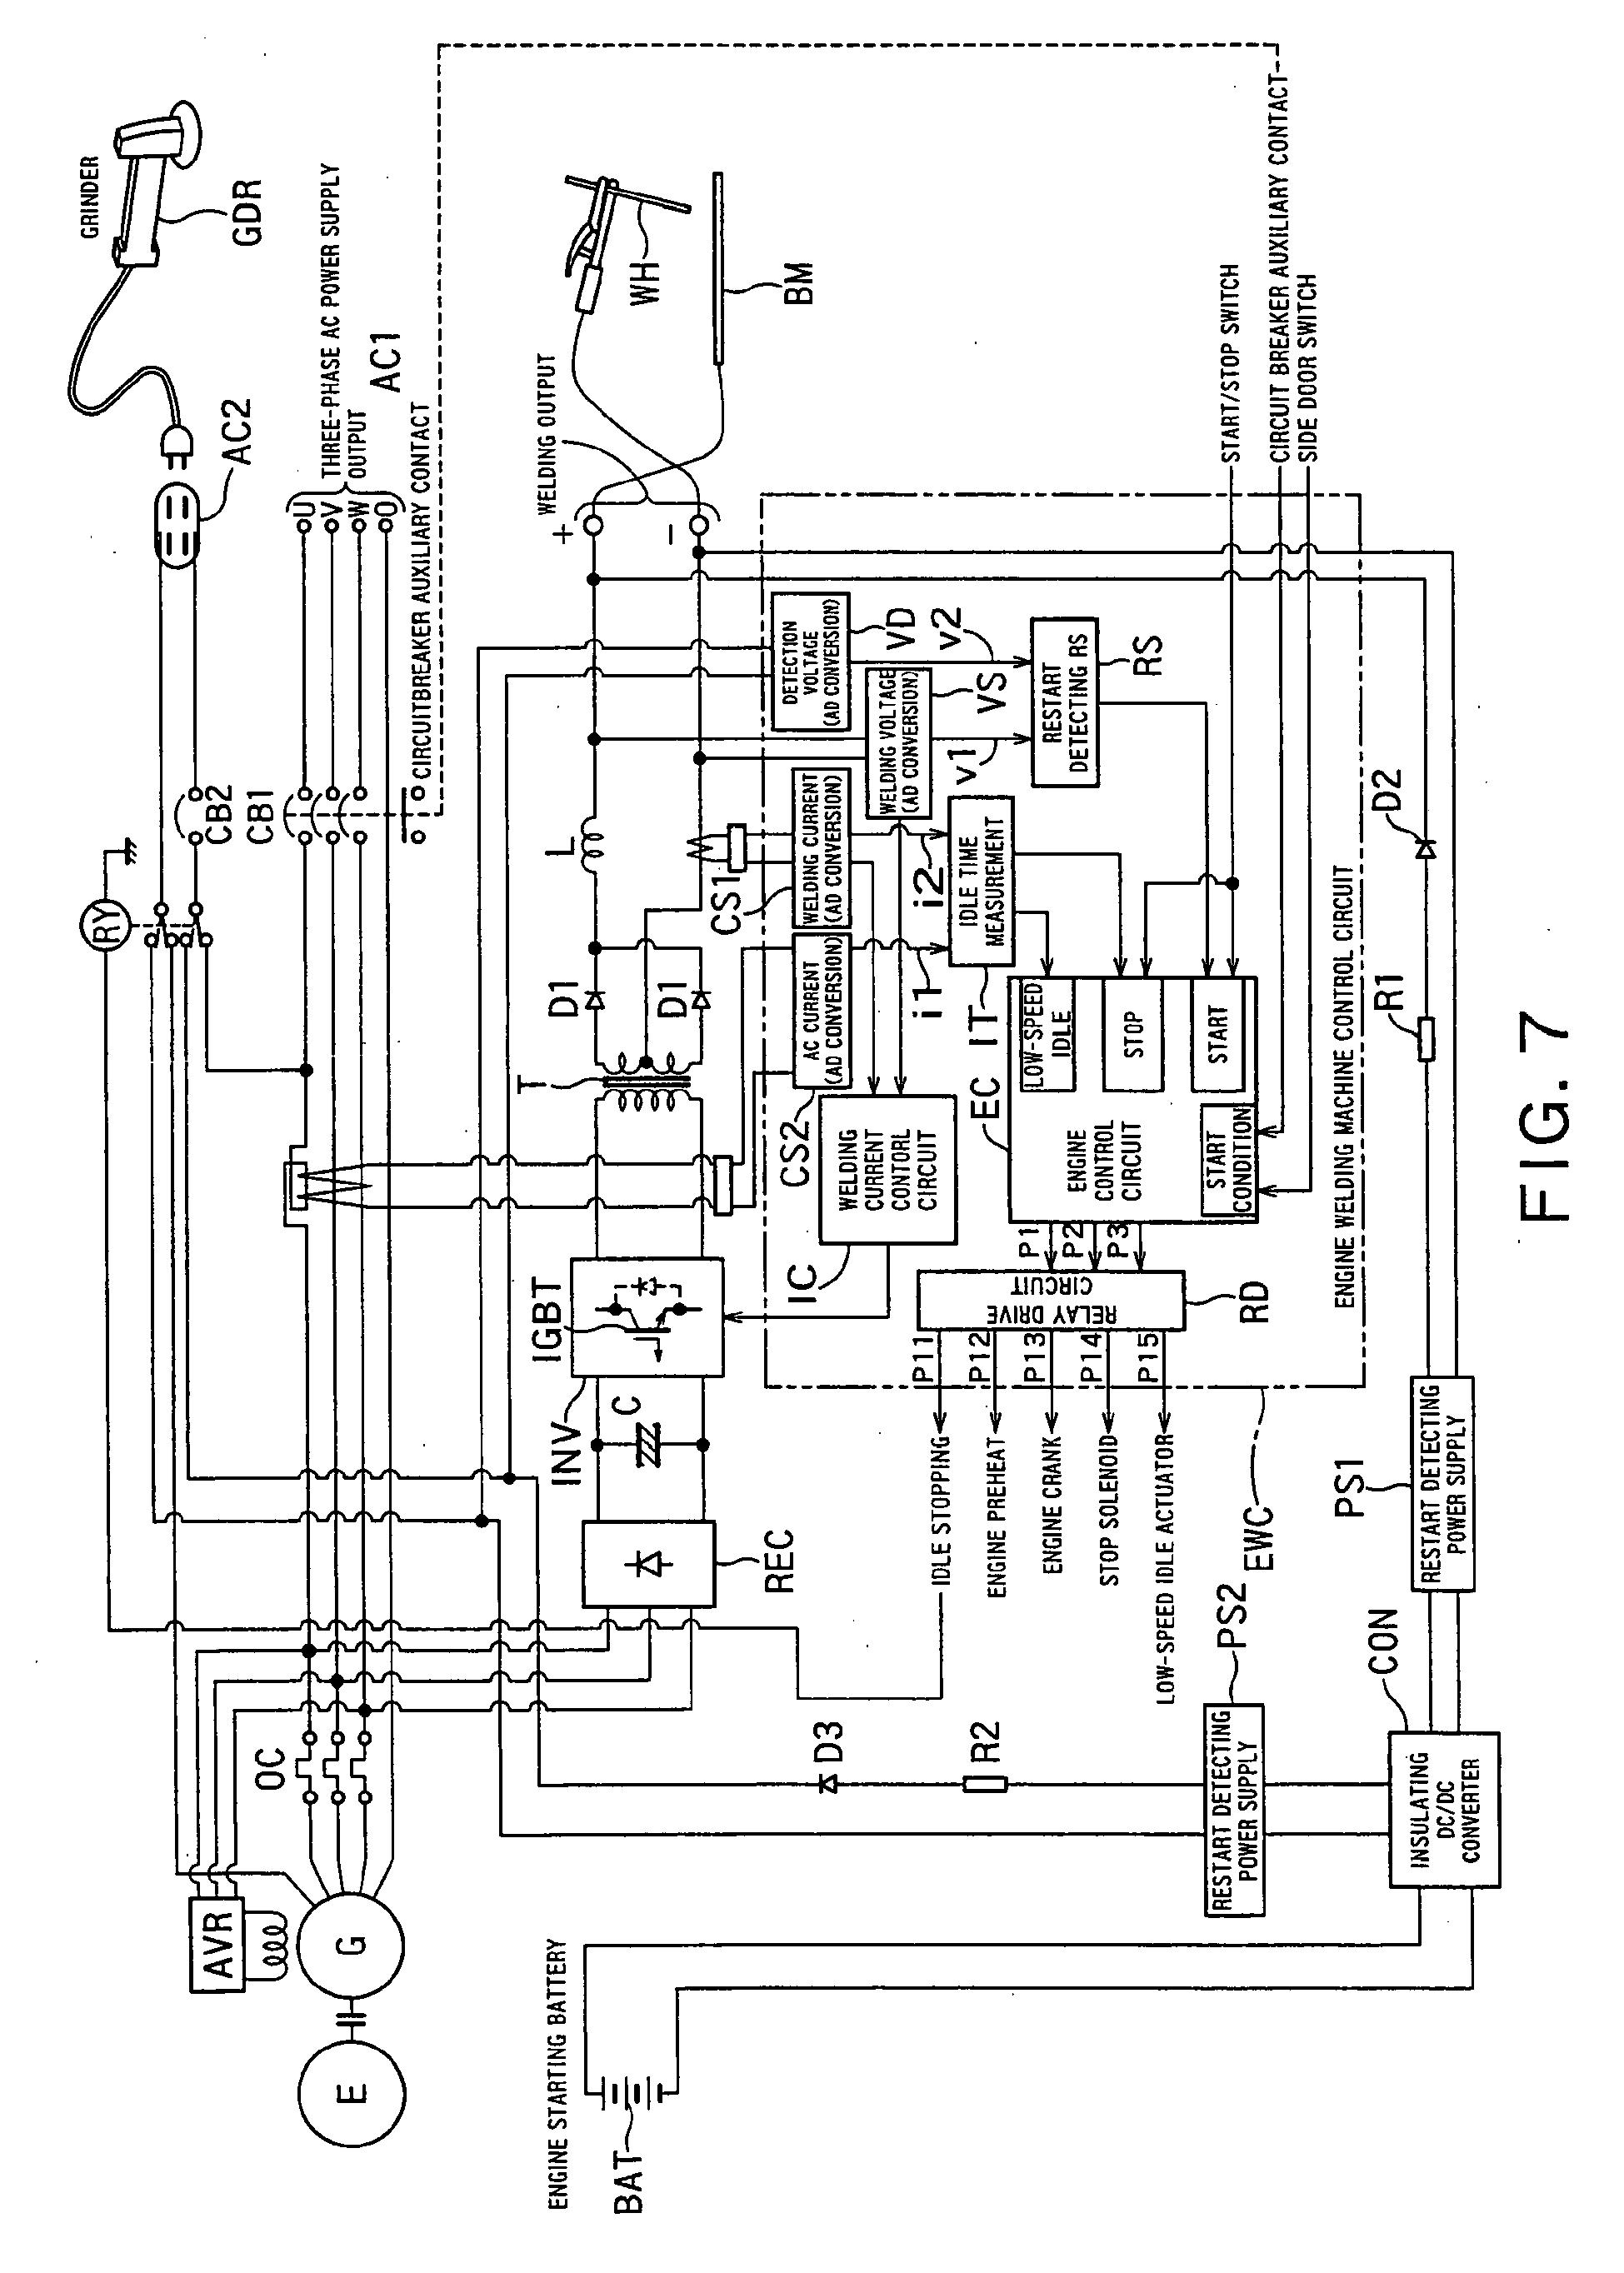 Perfect Generator Circuit Breaker Wiring Diagram Elaboration ...